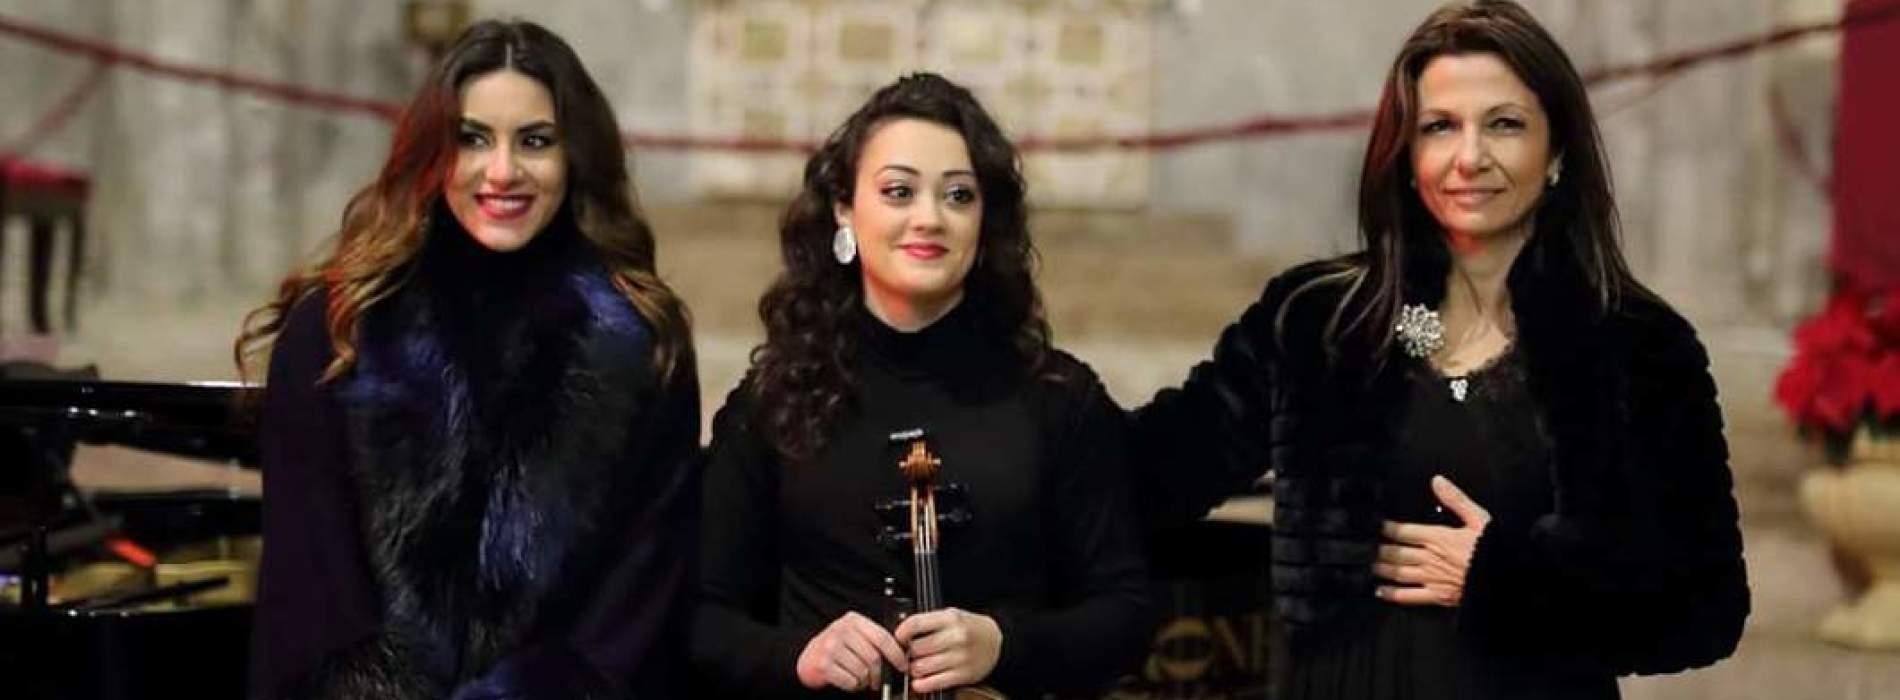 Epiphany Concert, i Musici Campani nella Reggia di Caserta